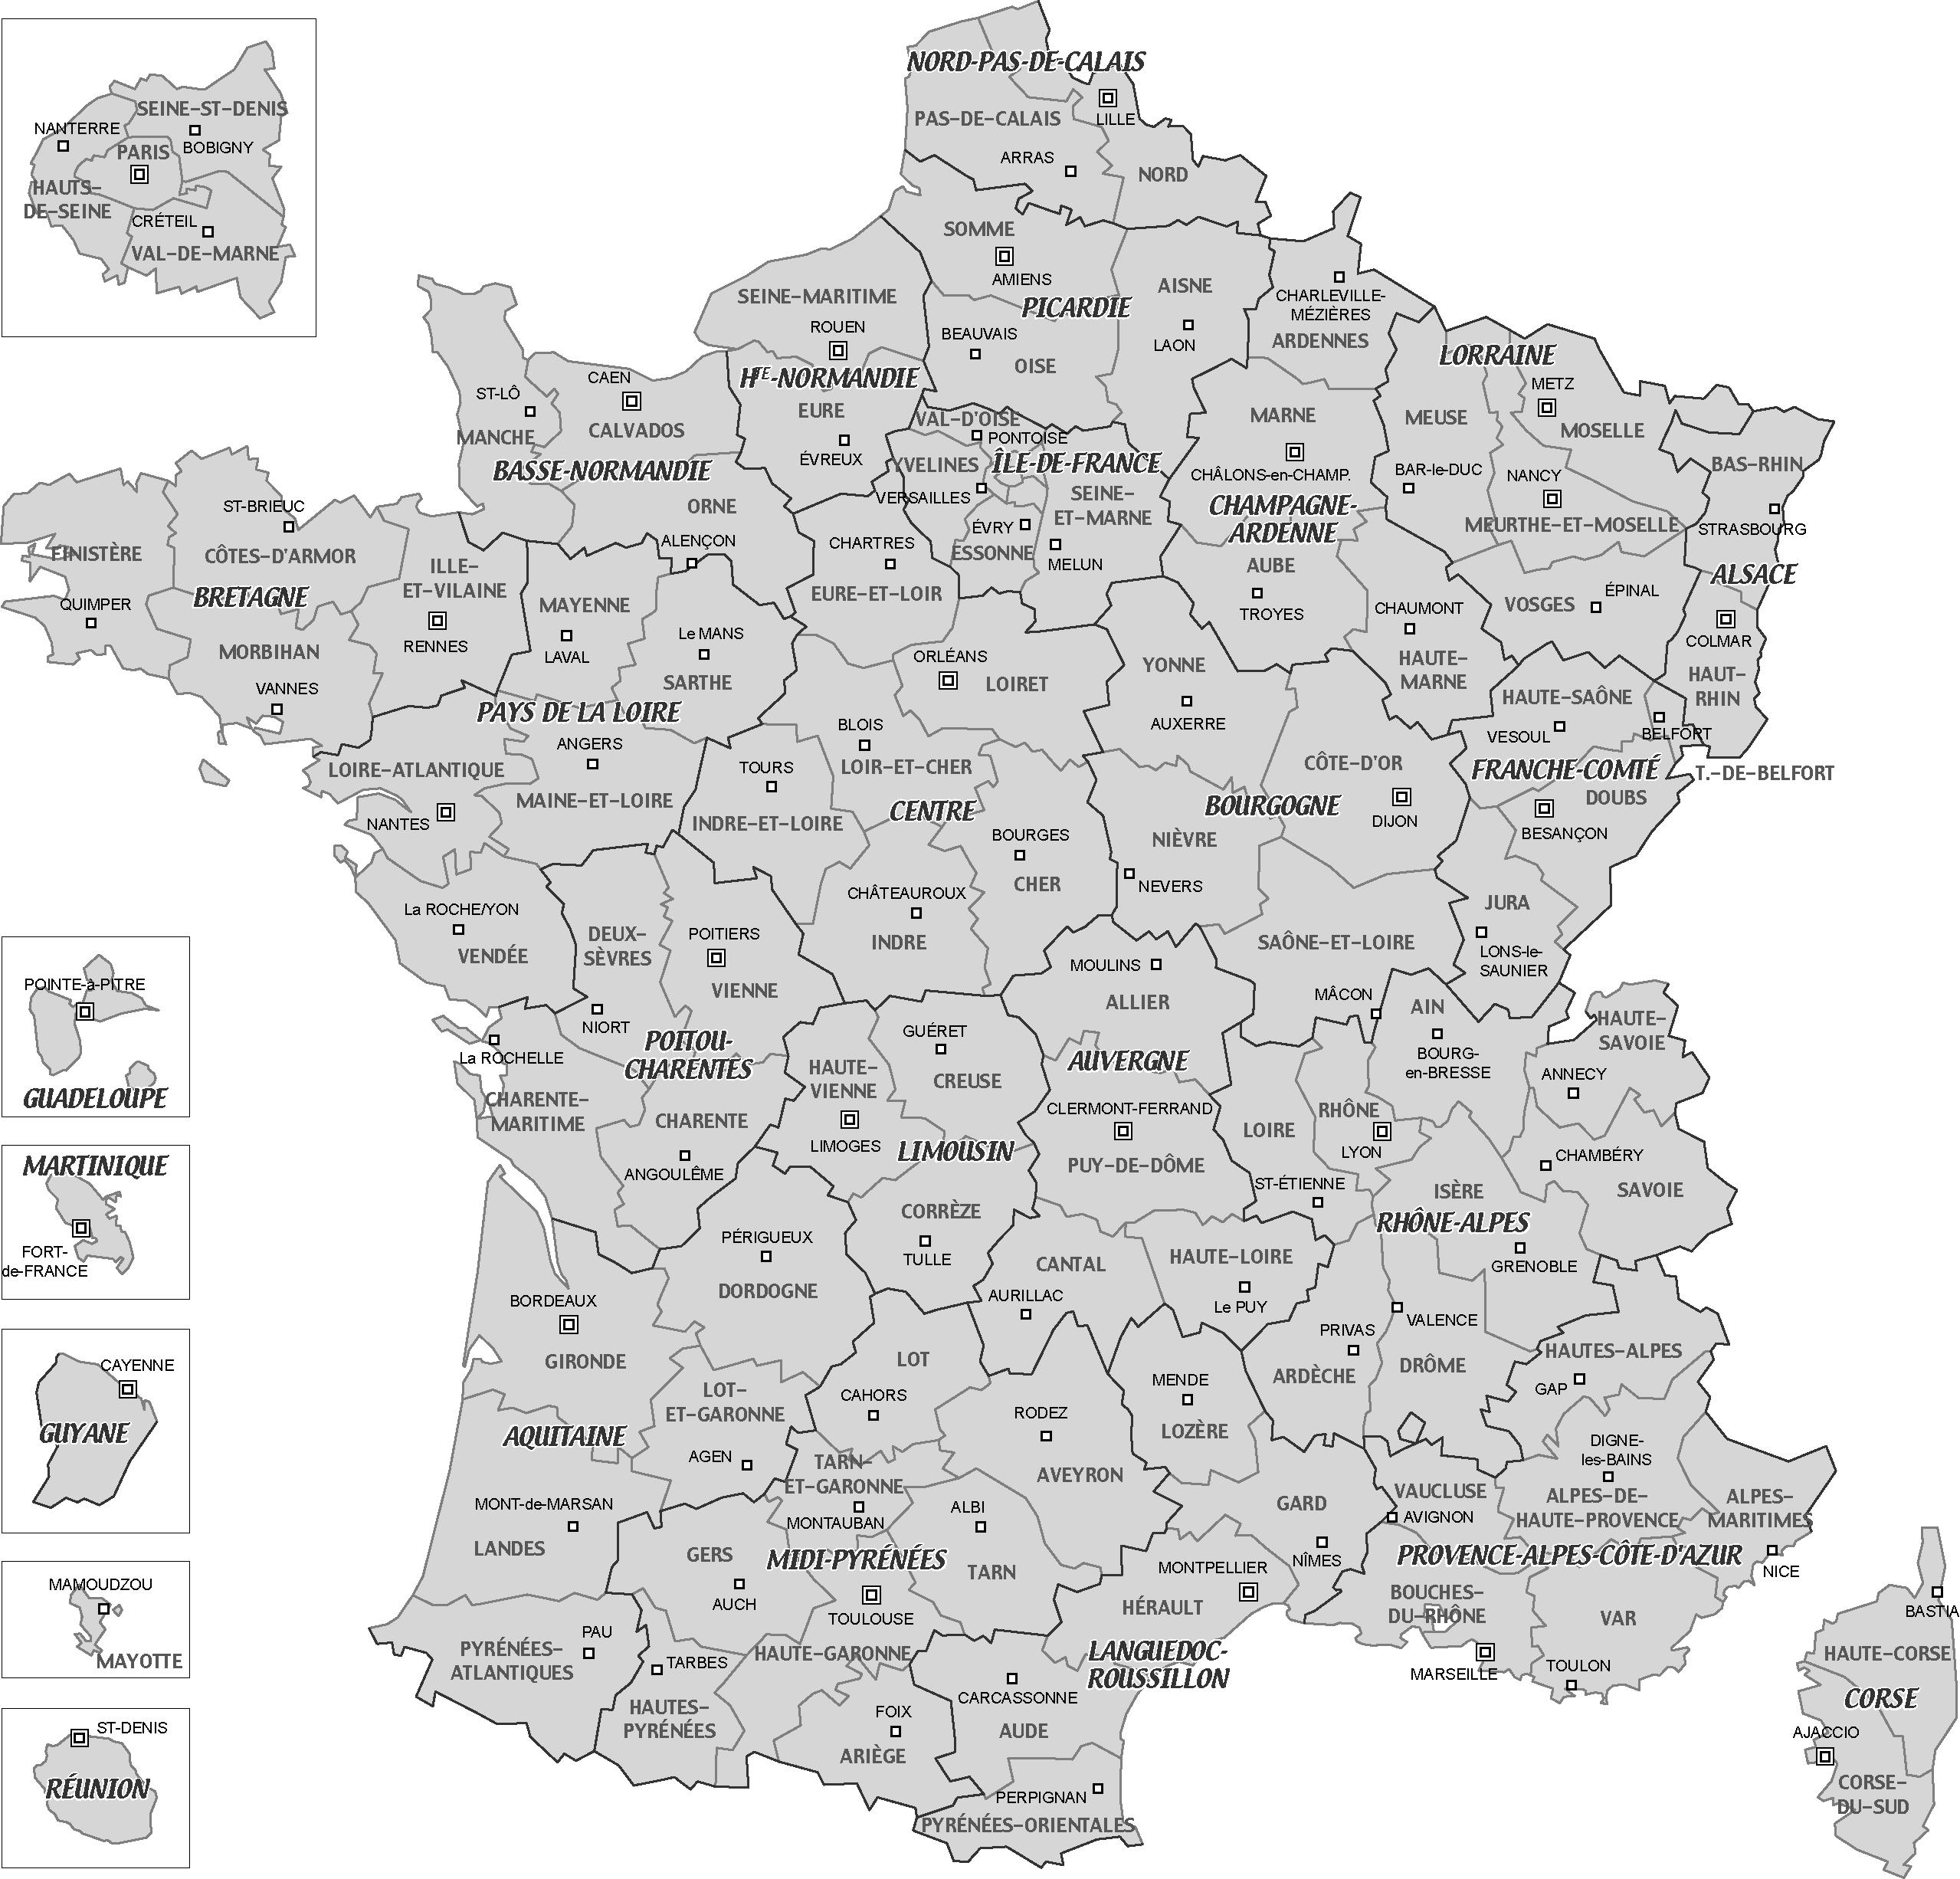 Numéro des départements français carte